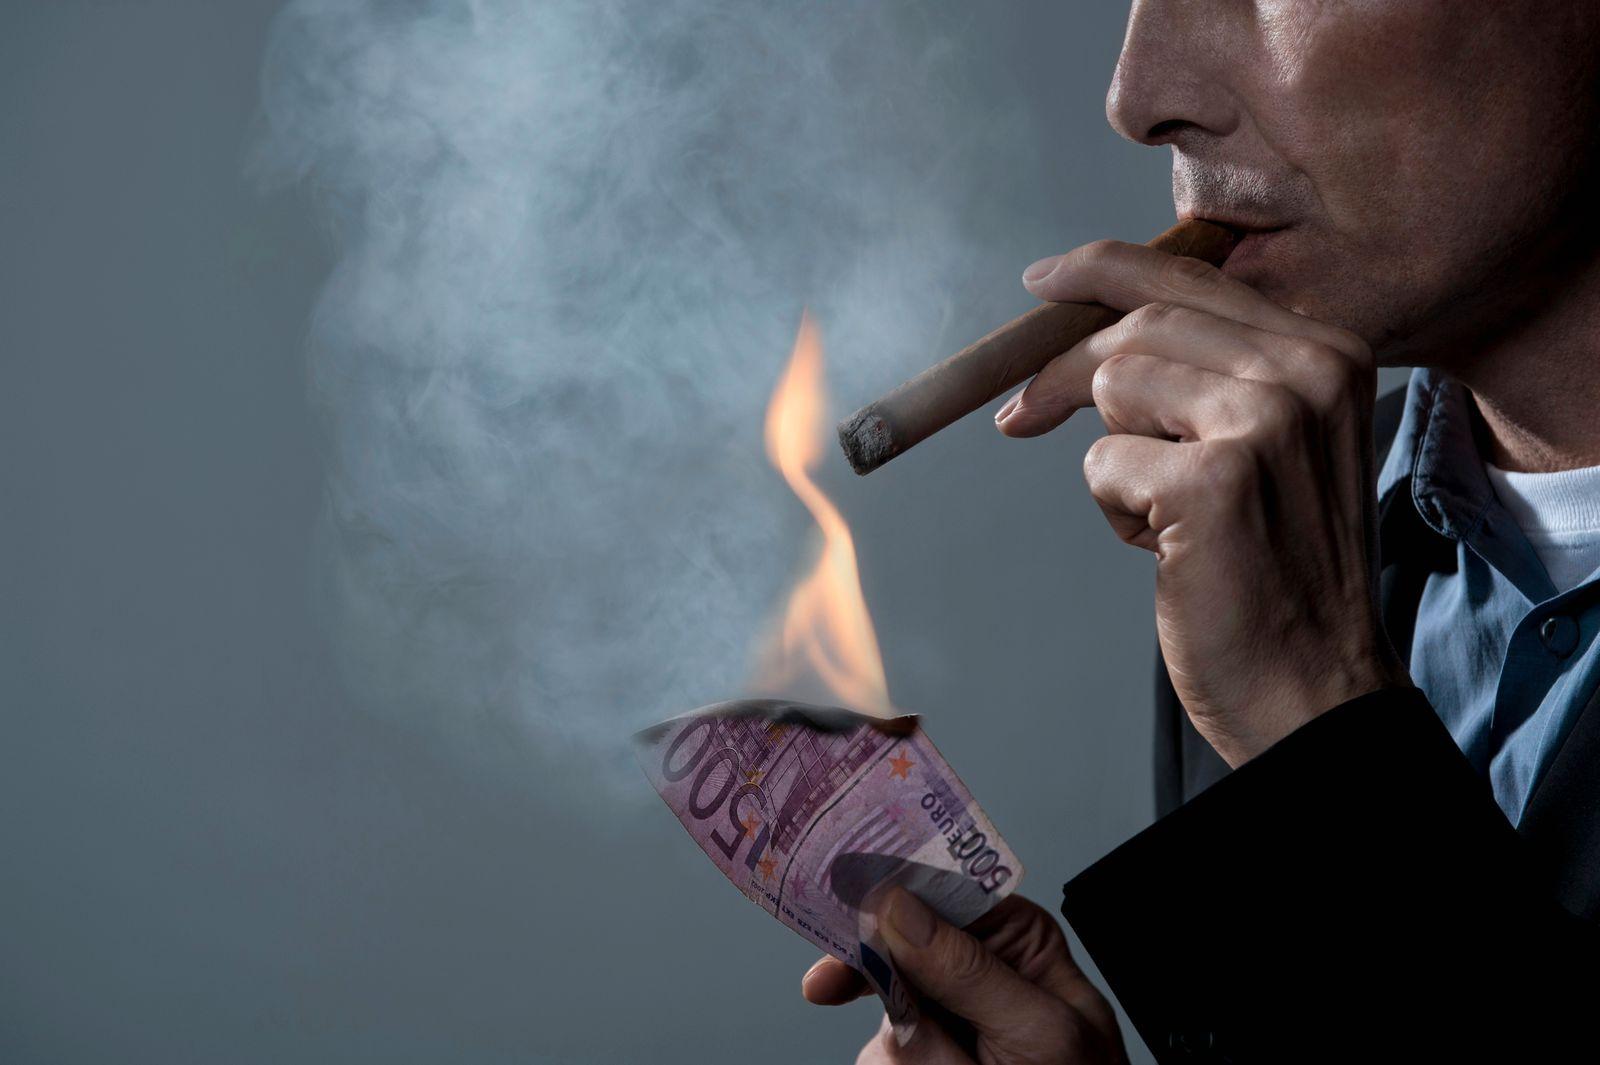 NICHT MEHR VERWENDEN! - Geschäftsmann / Banknote / Feuer / Zigarre